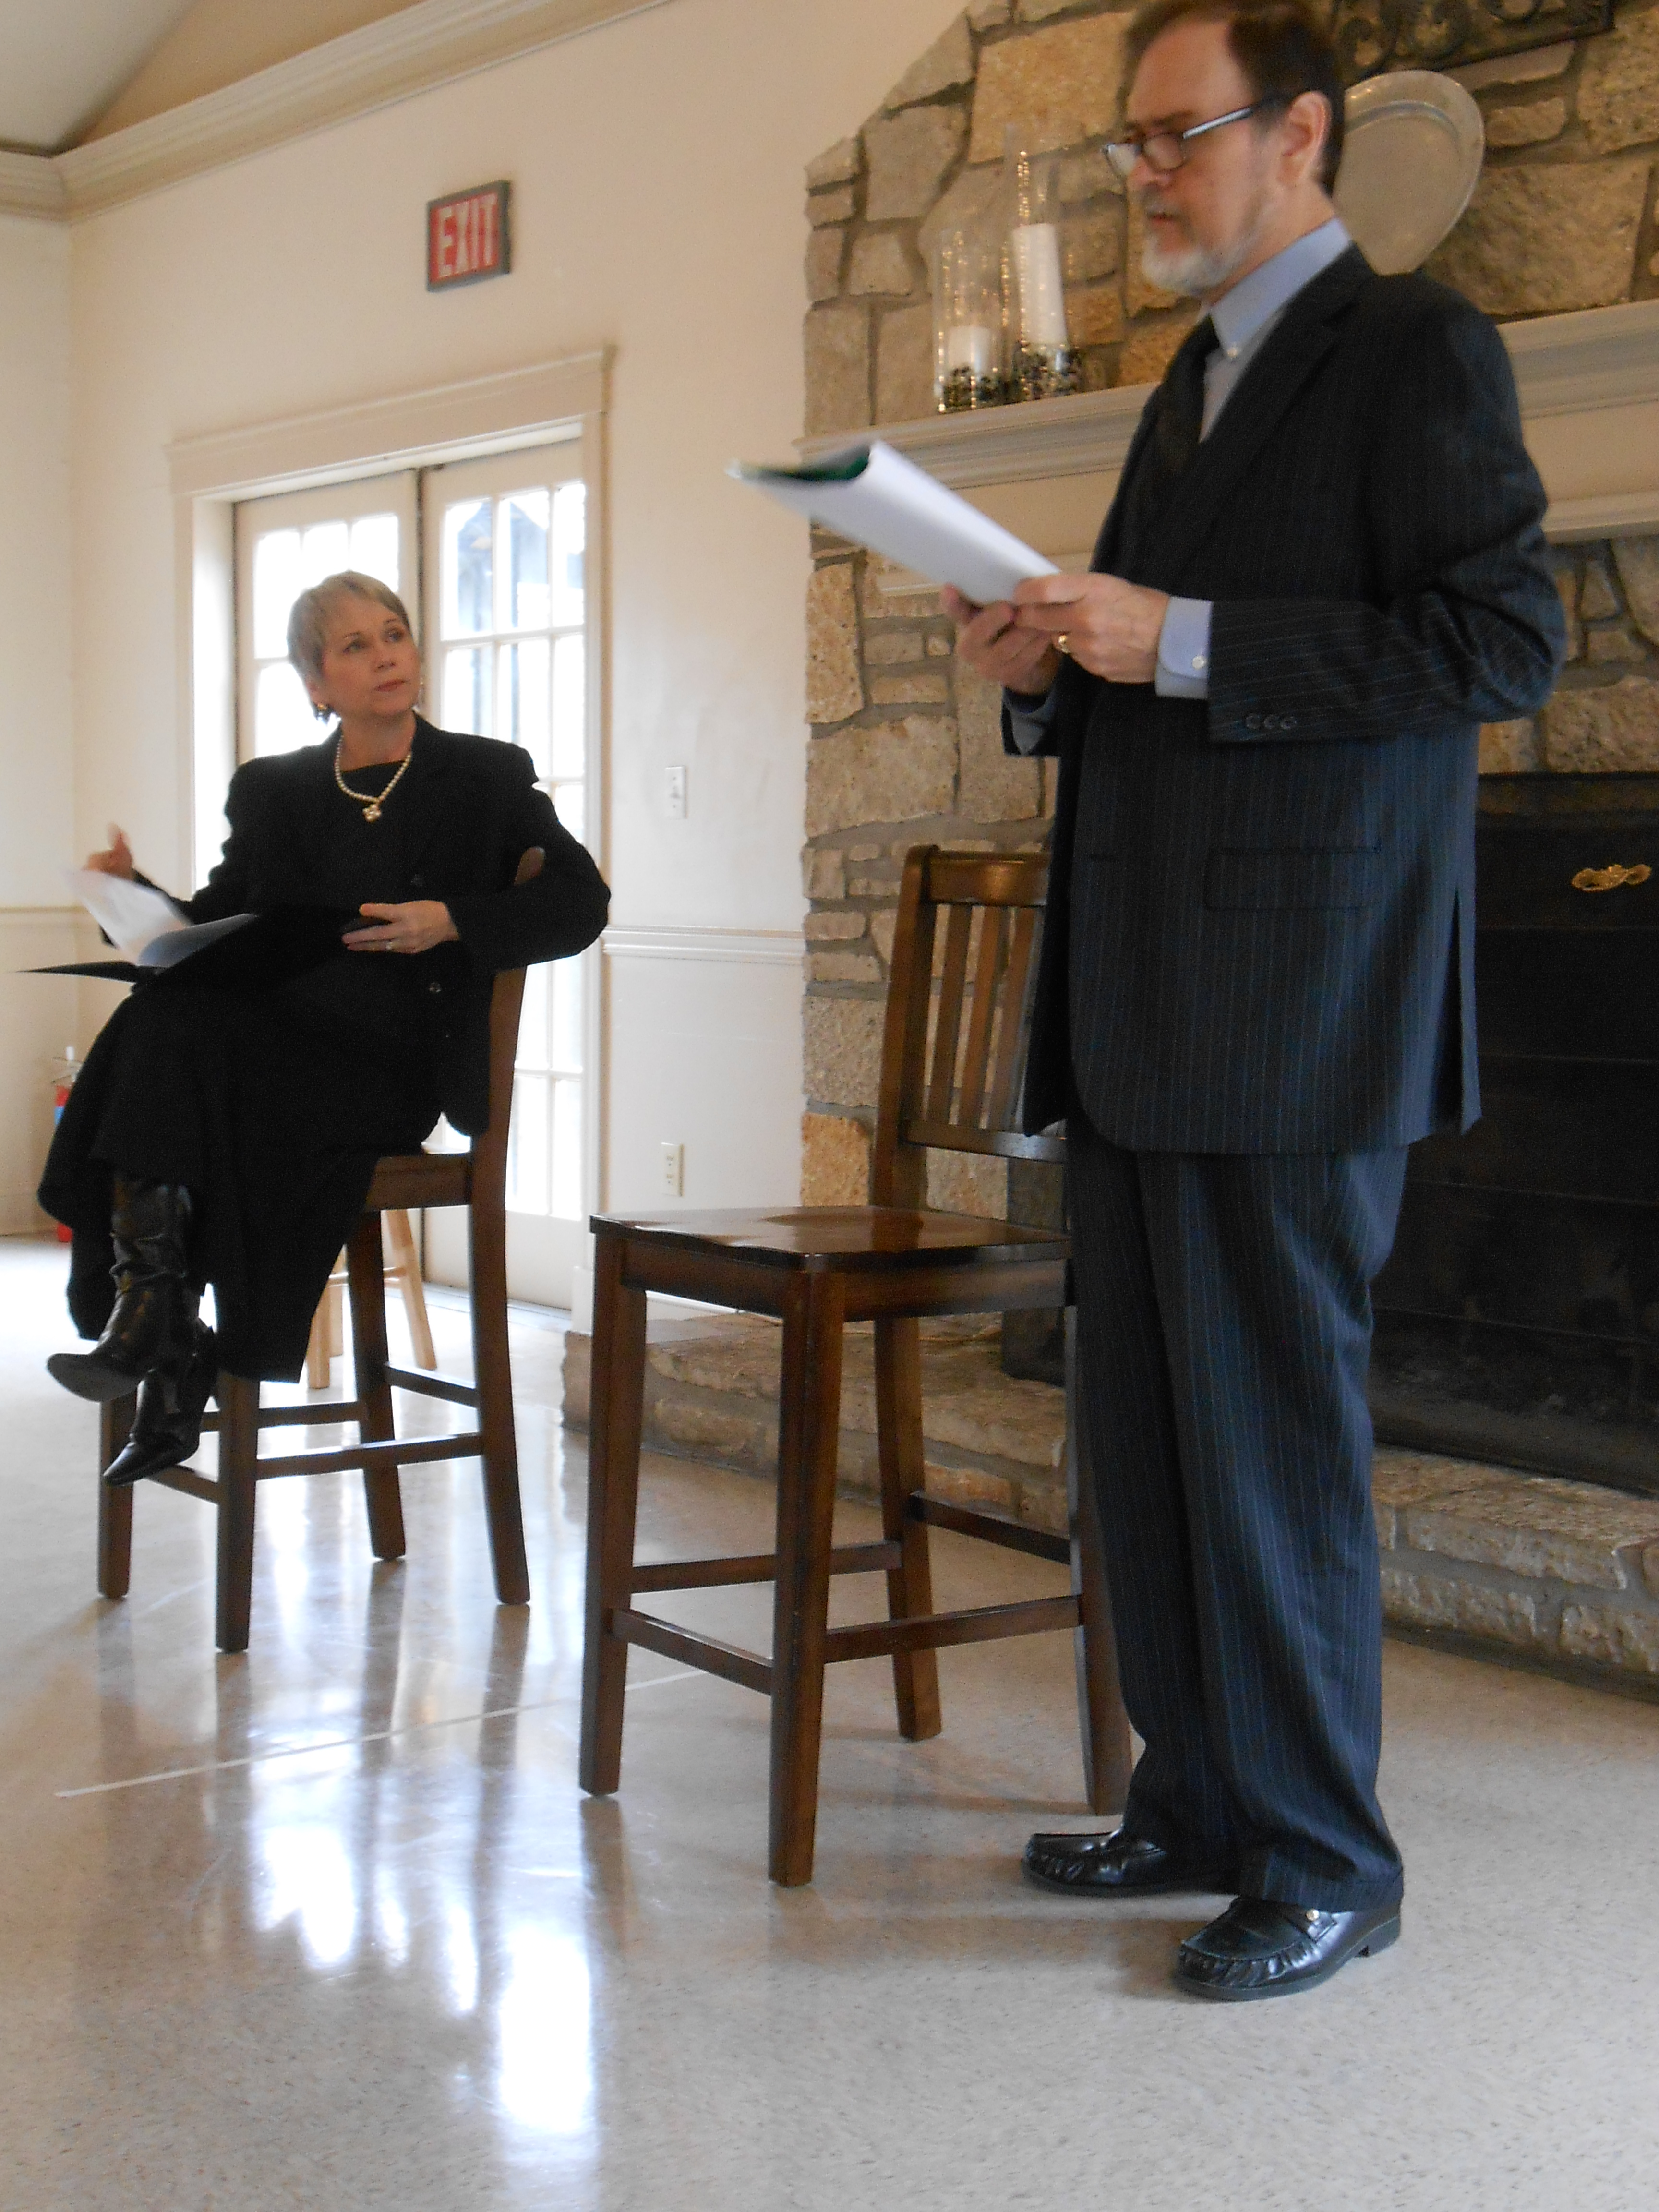 Peggy Billo and John Contini